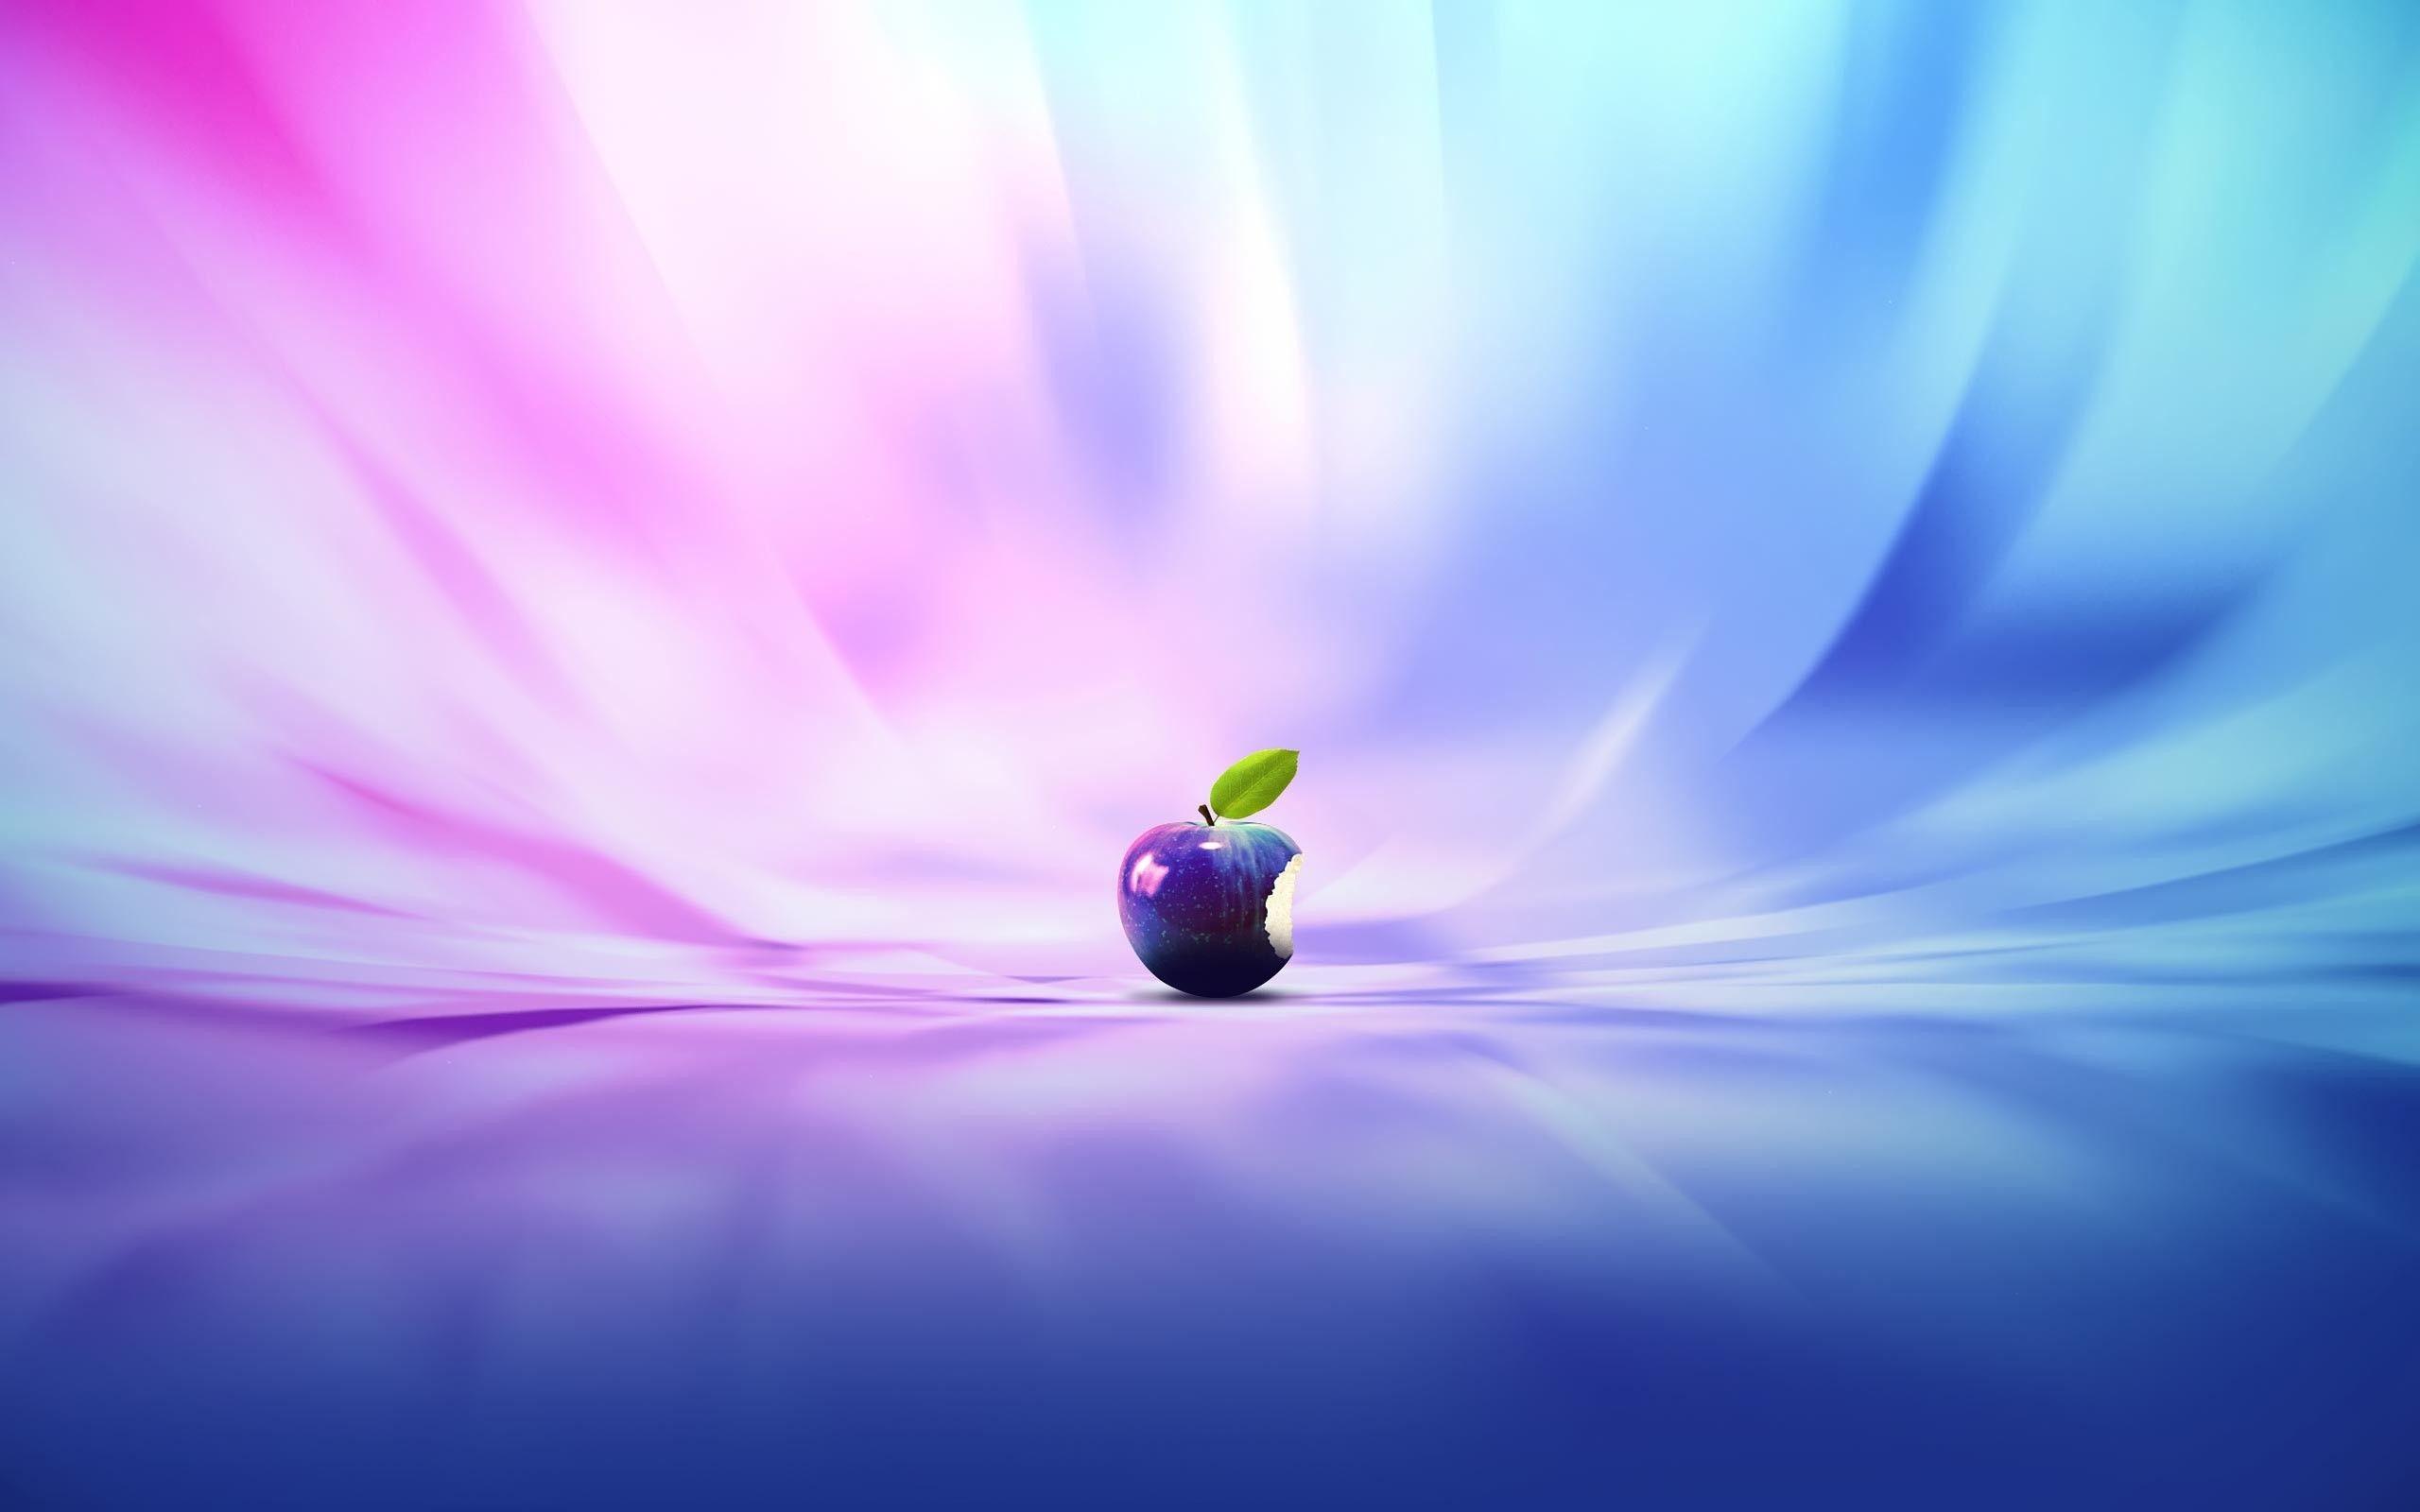 Apple Macbook Pro Desktop Wallpaper D6Y7